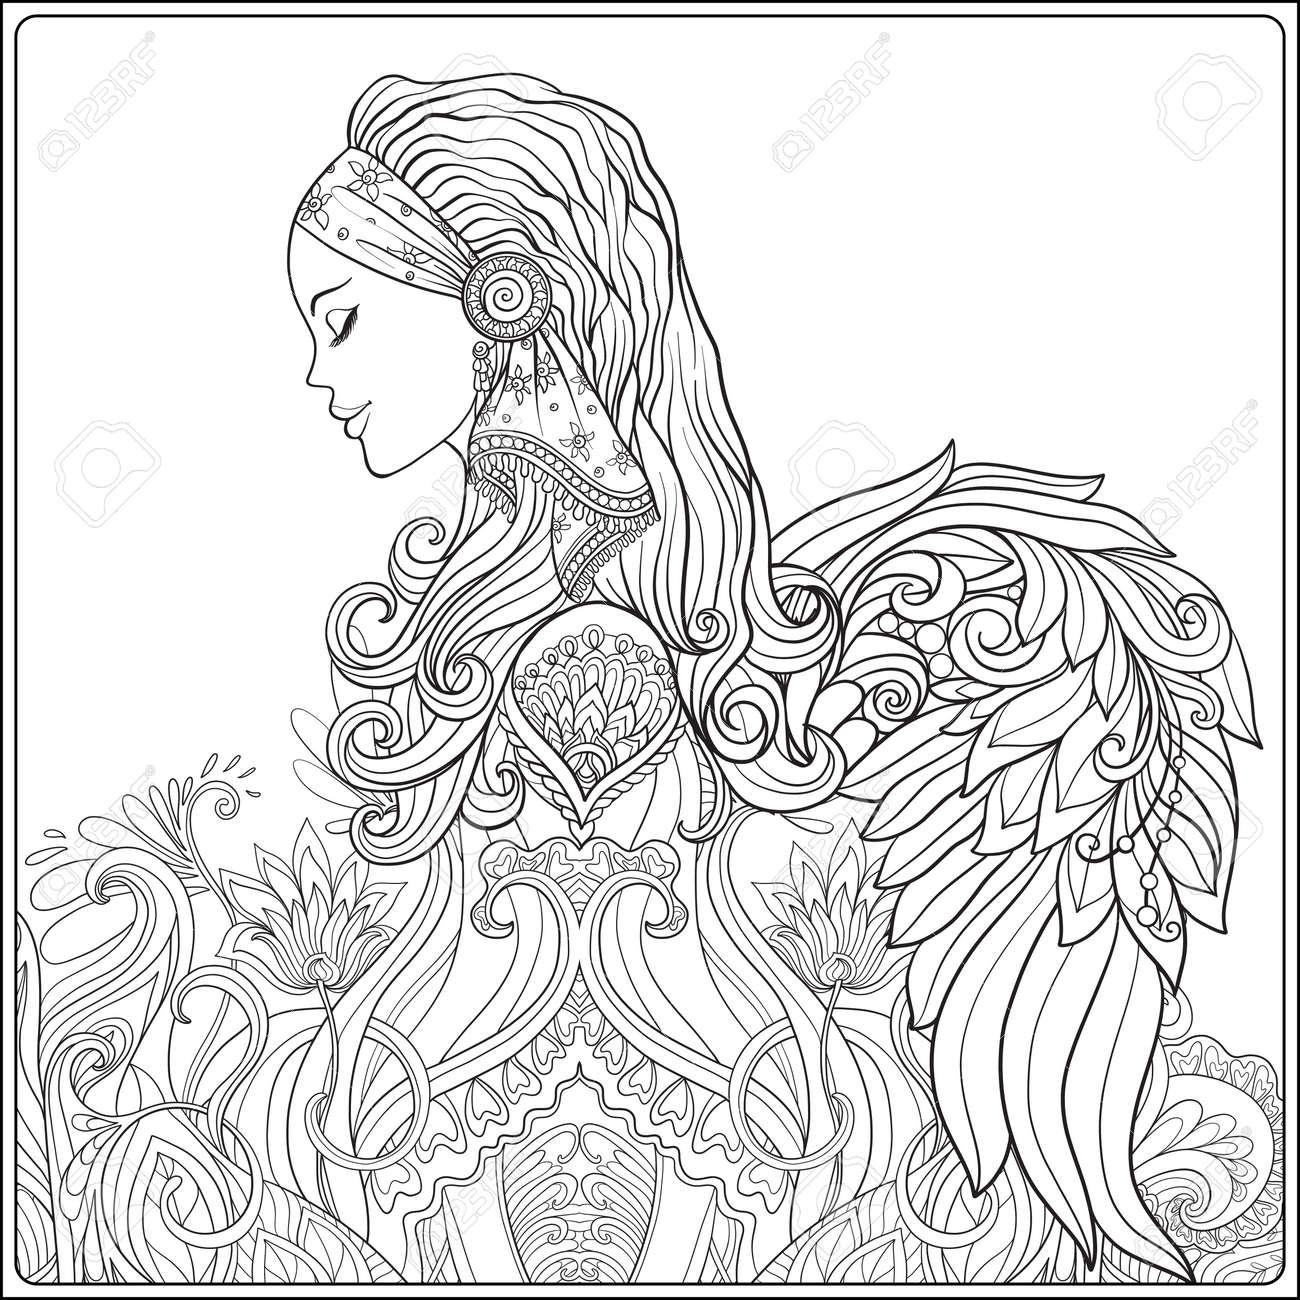 Jeune Femme Avec De Longs Cheveux En Costume Medieval Avec Des Ailes D Ange Sur Decoratif Motif De Fond Portrait De Profil Le Style Decoratif